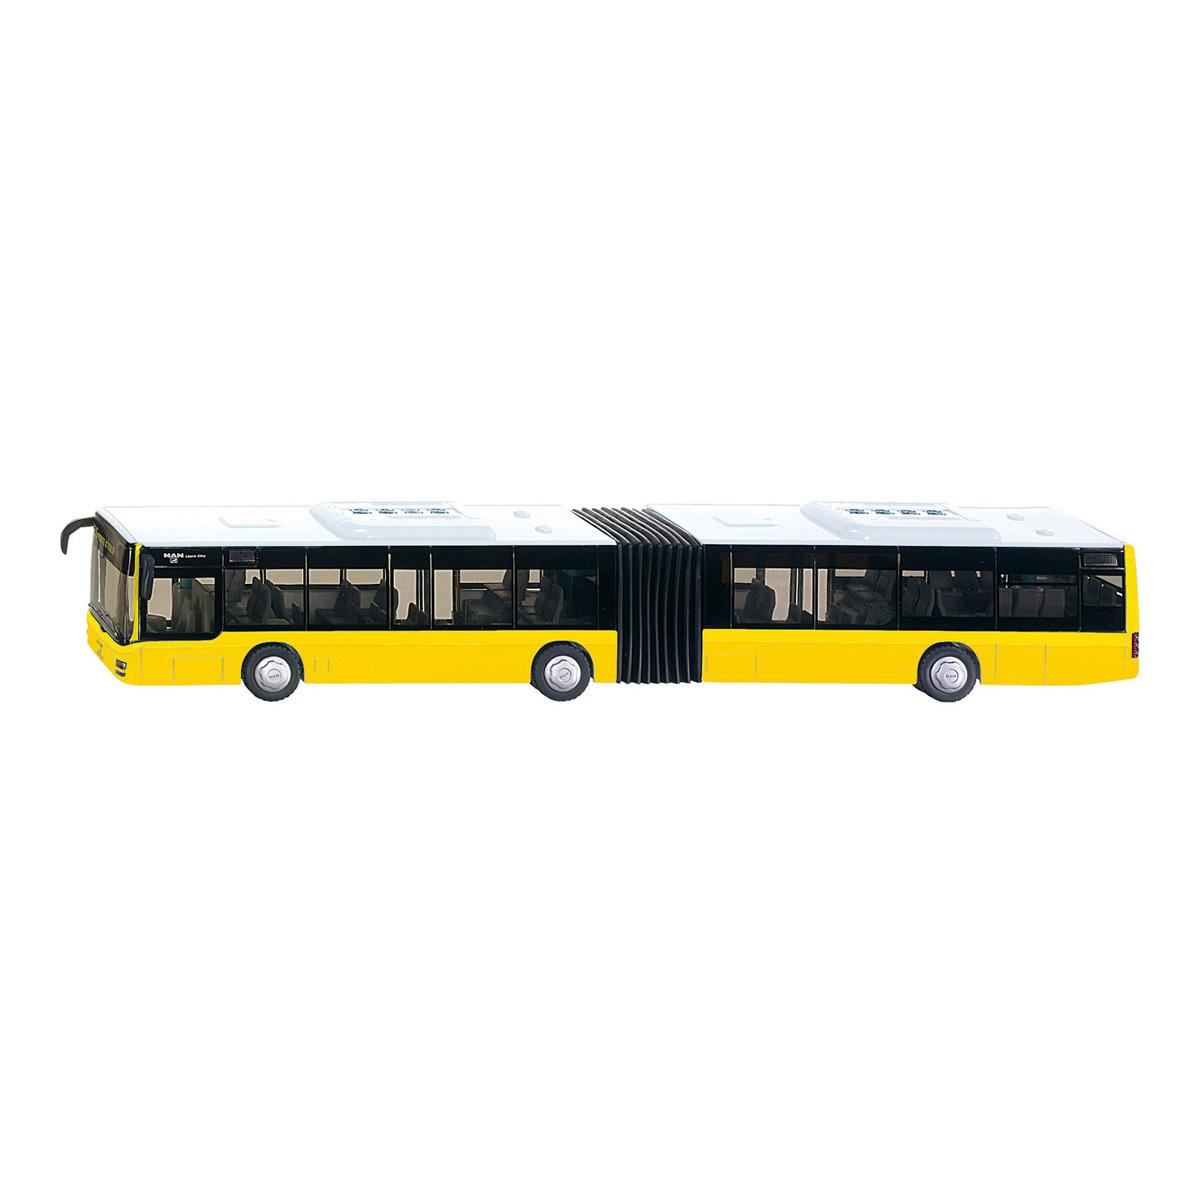 MAN 連接バス 1/50(ジク・SIKU)